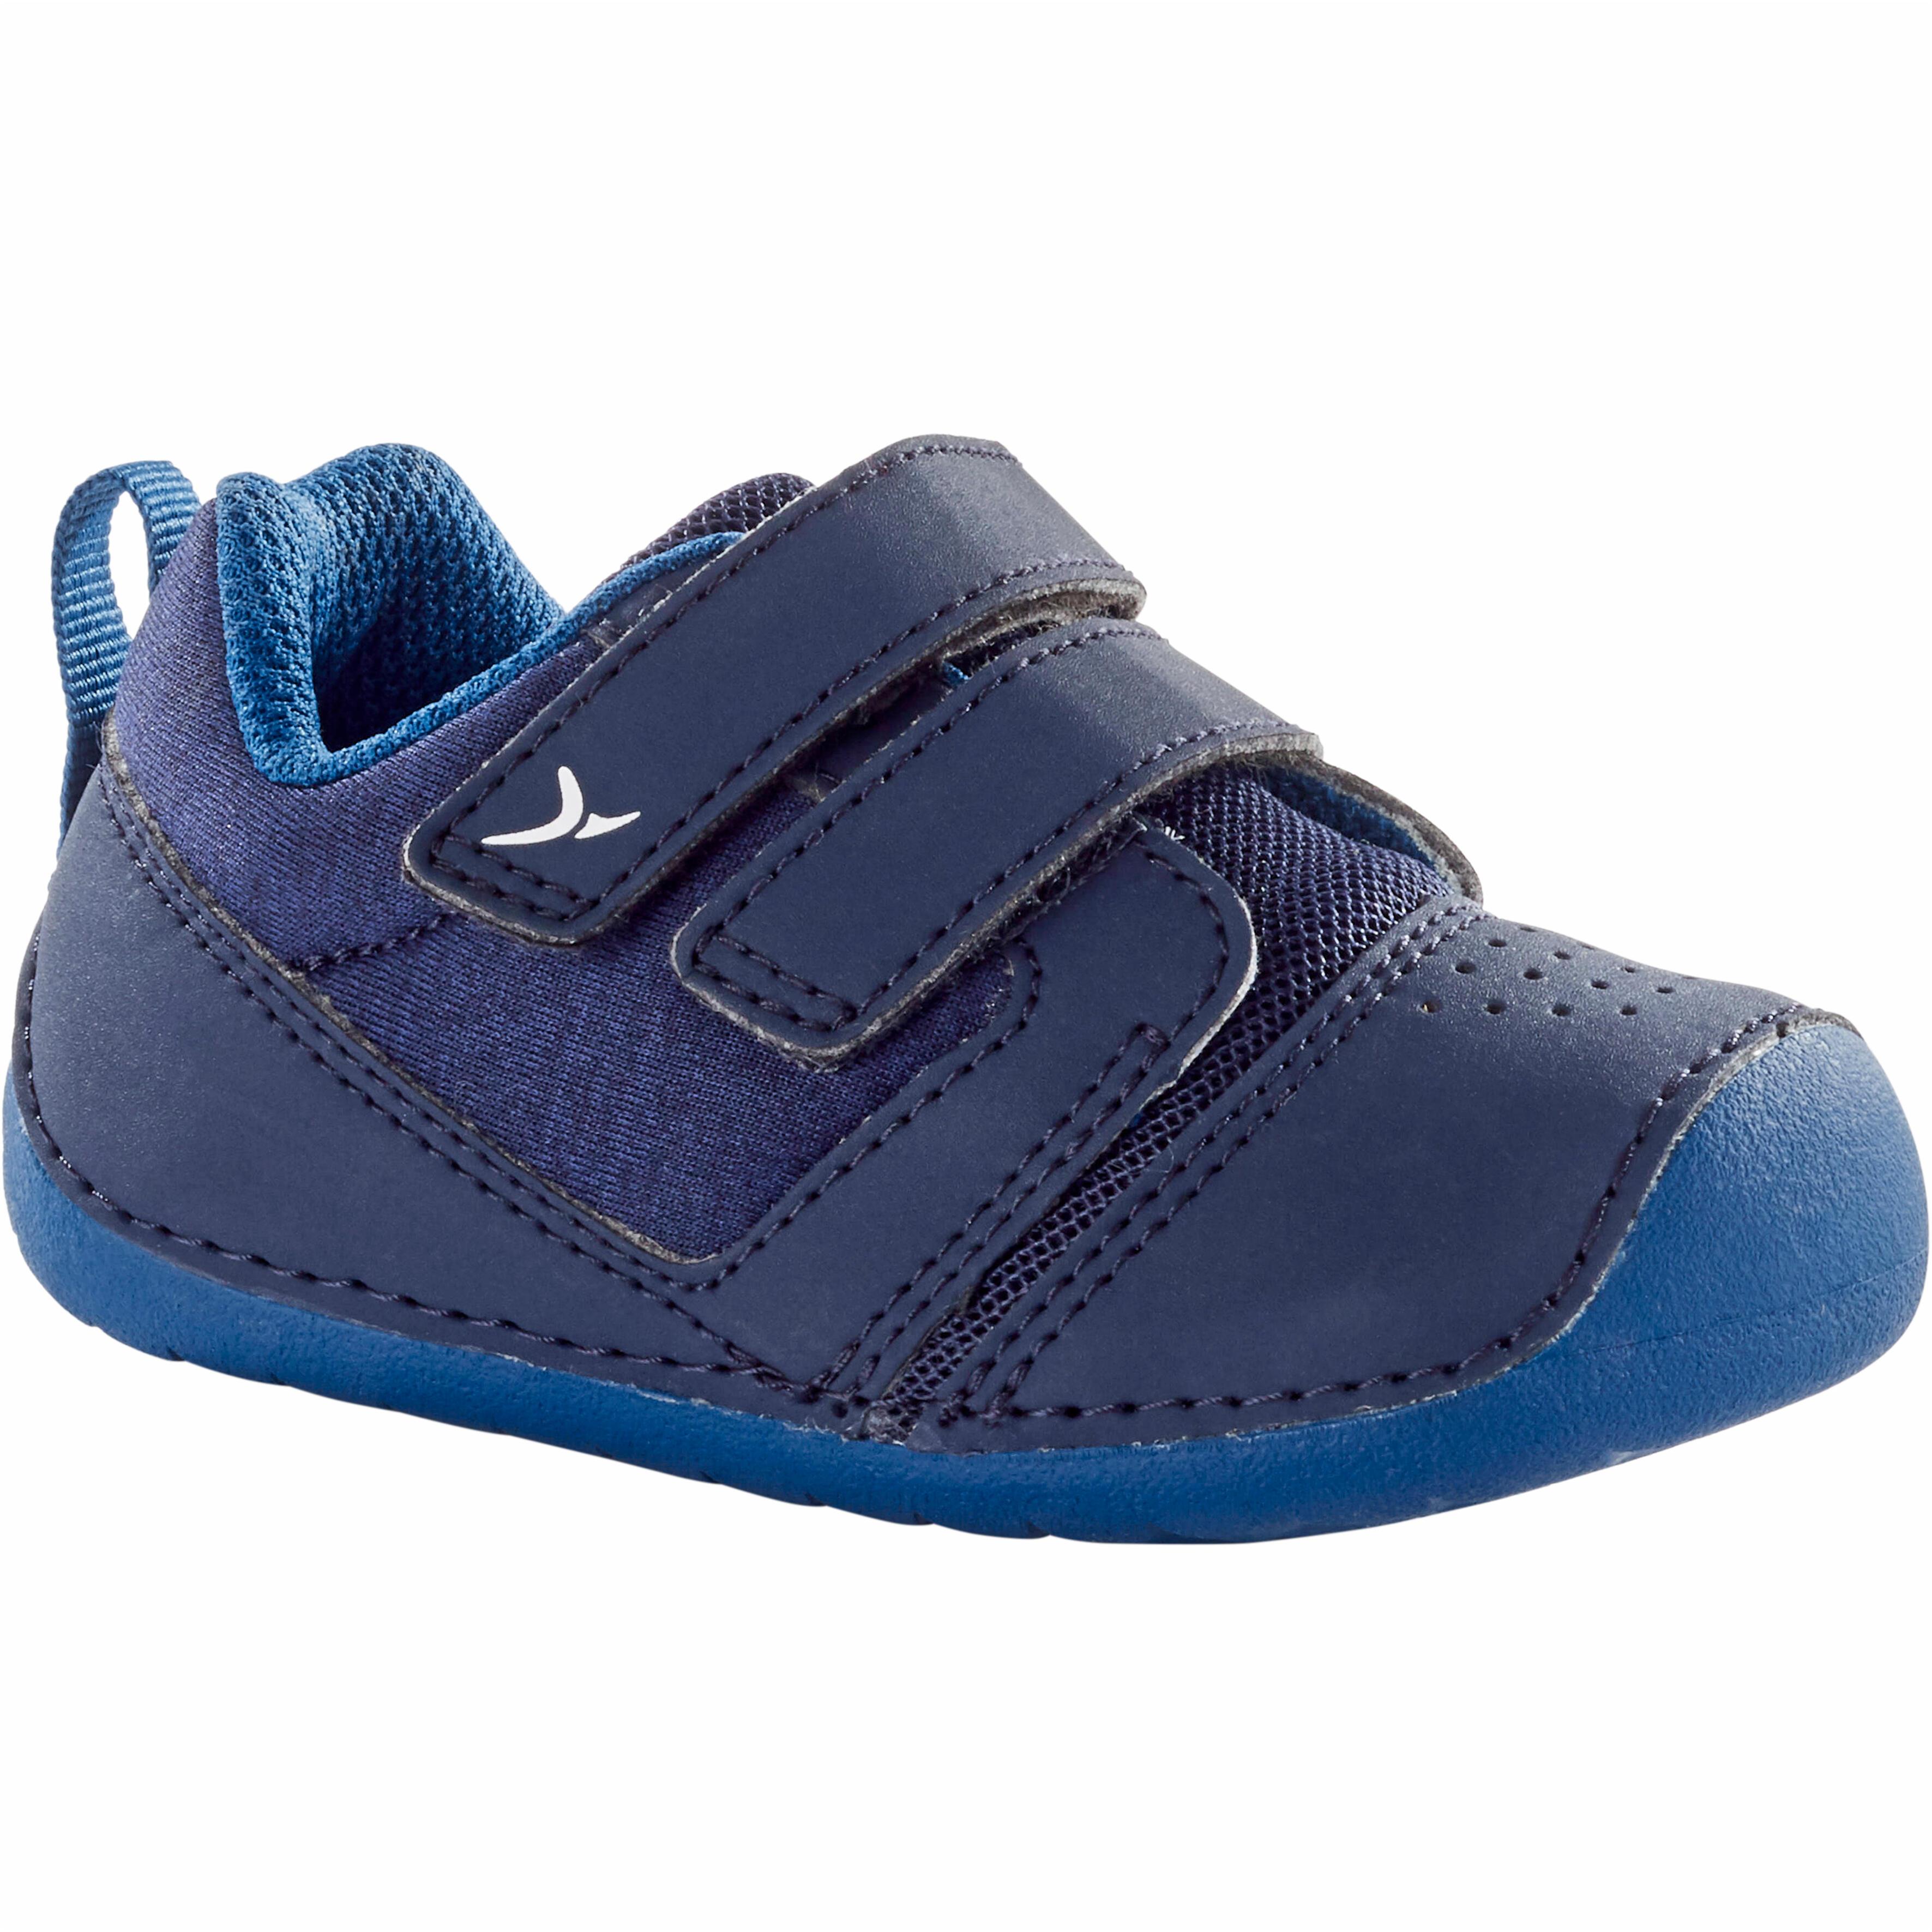 500 I Learn Gym Shoes - - Decathlon